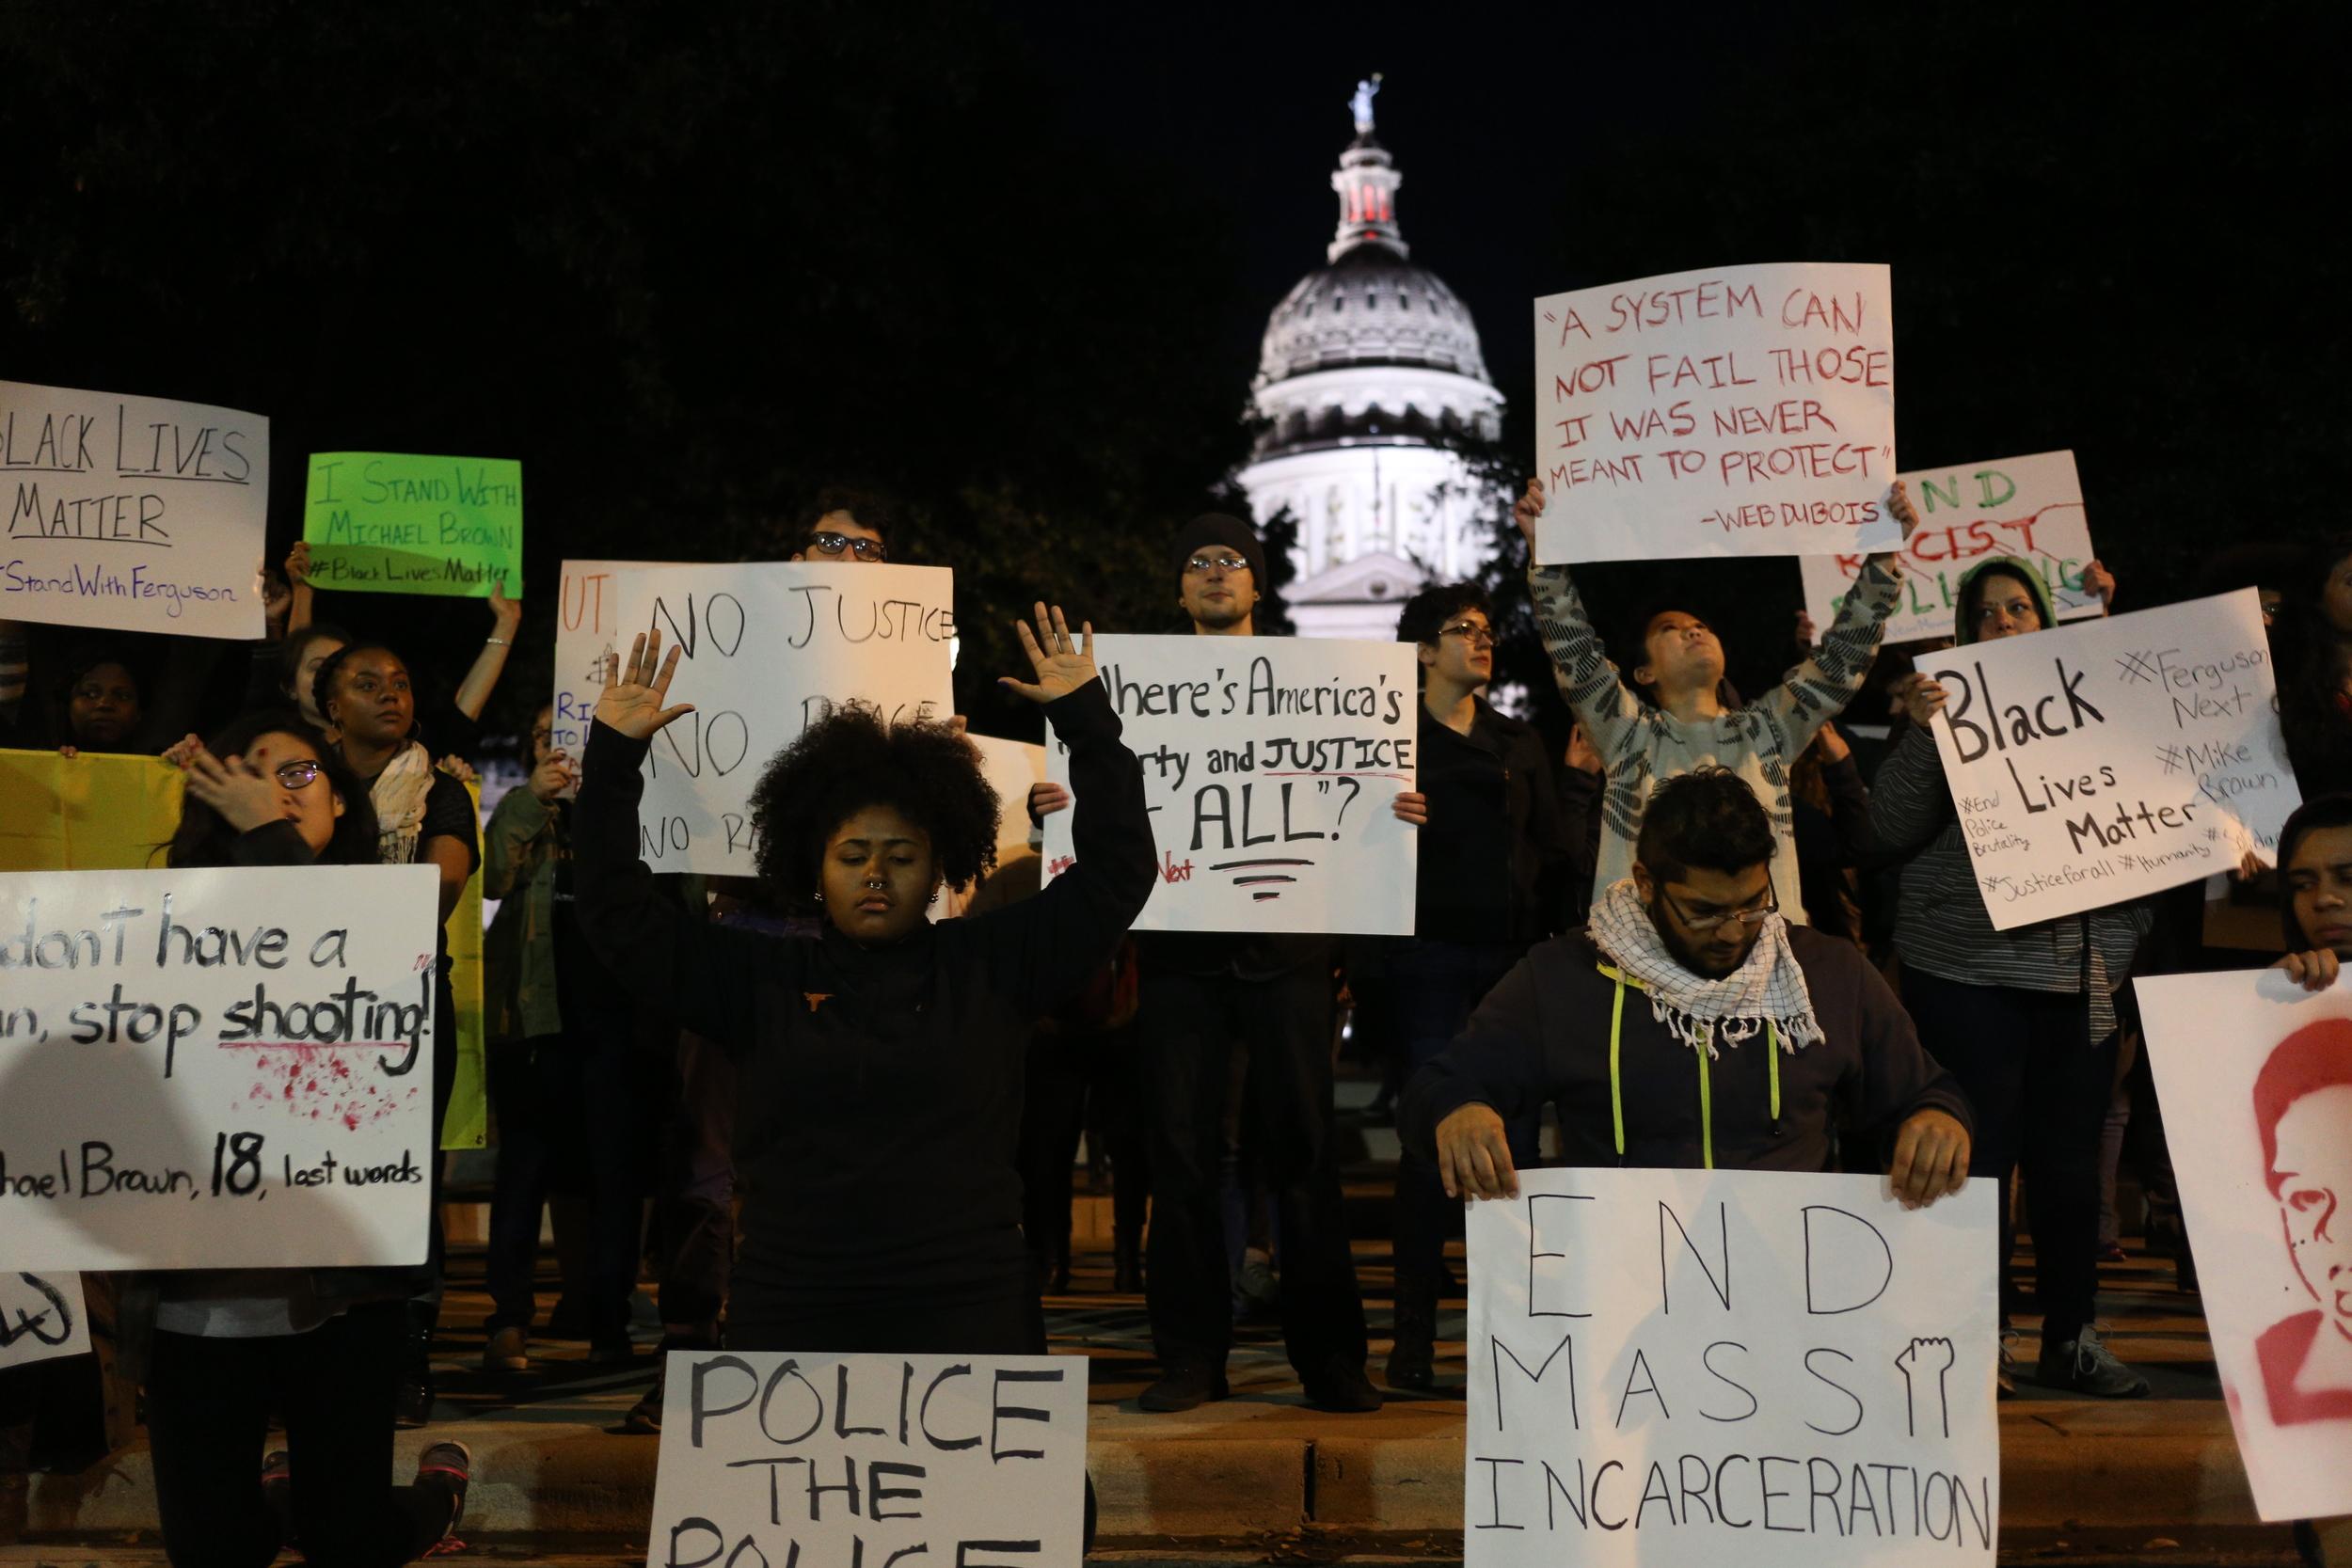 2014-11-25_Austin_Ferguson_Protest_Pu.Ying.Huang215.JPG